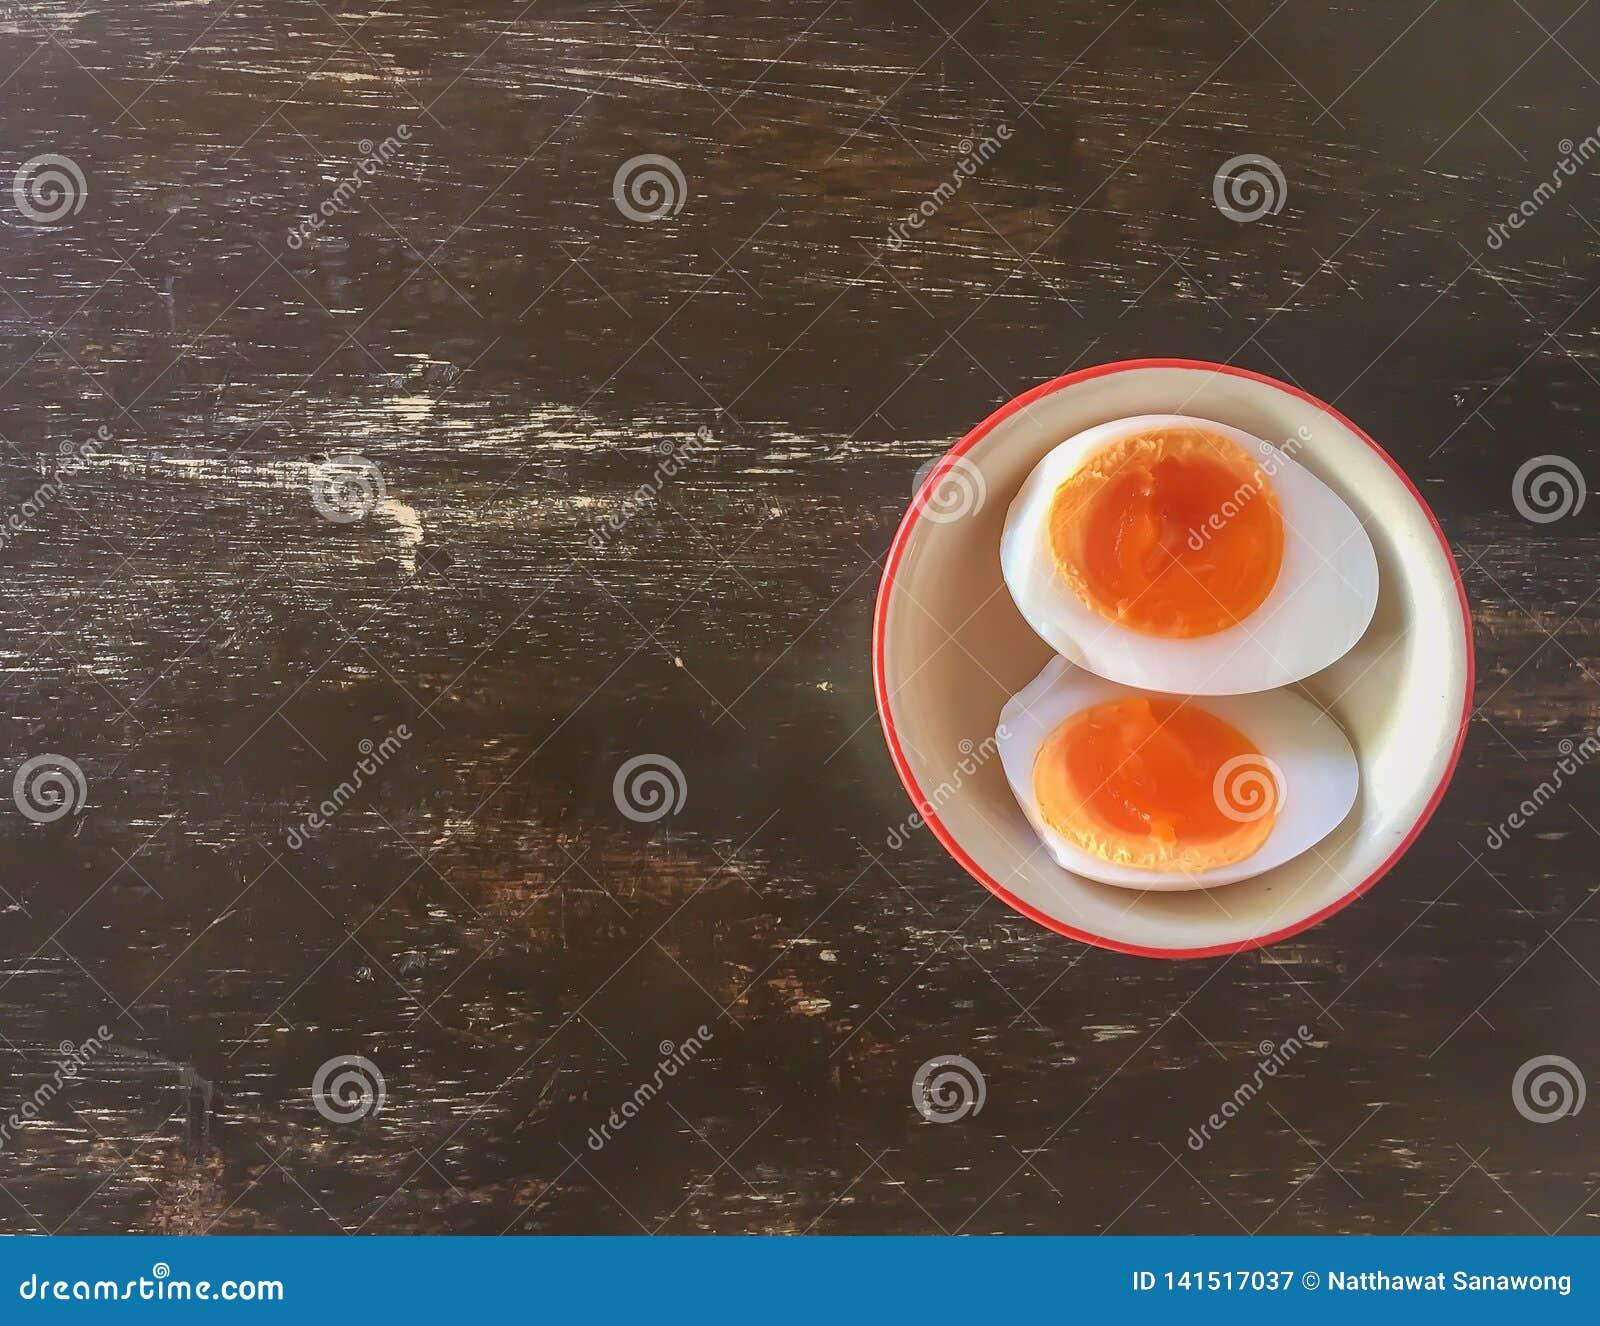 Gli uova sode sono divisi in due pezzi in una tazza su una tavola di legno